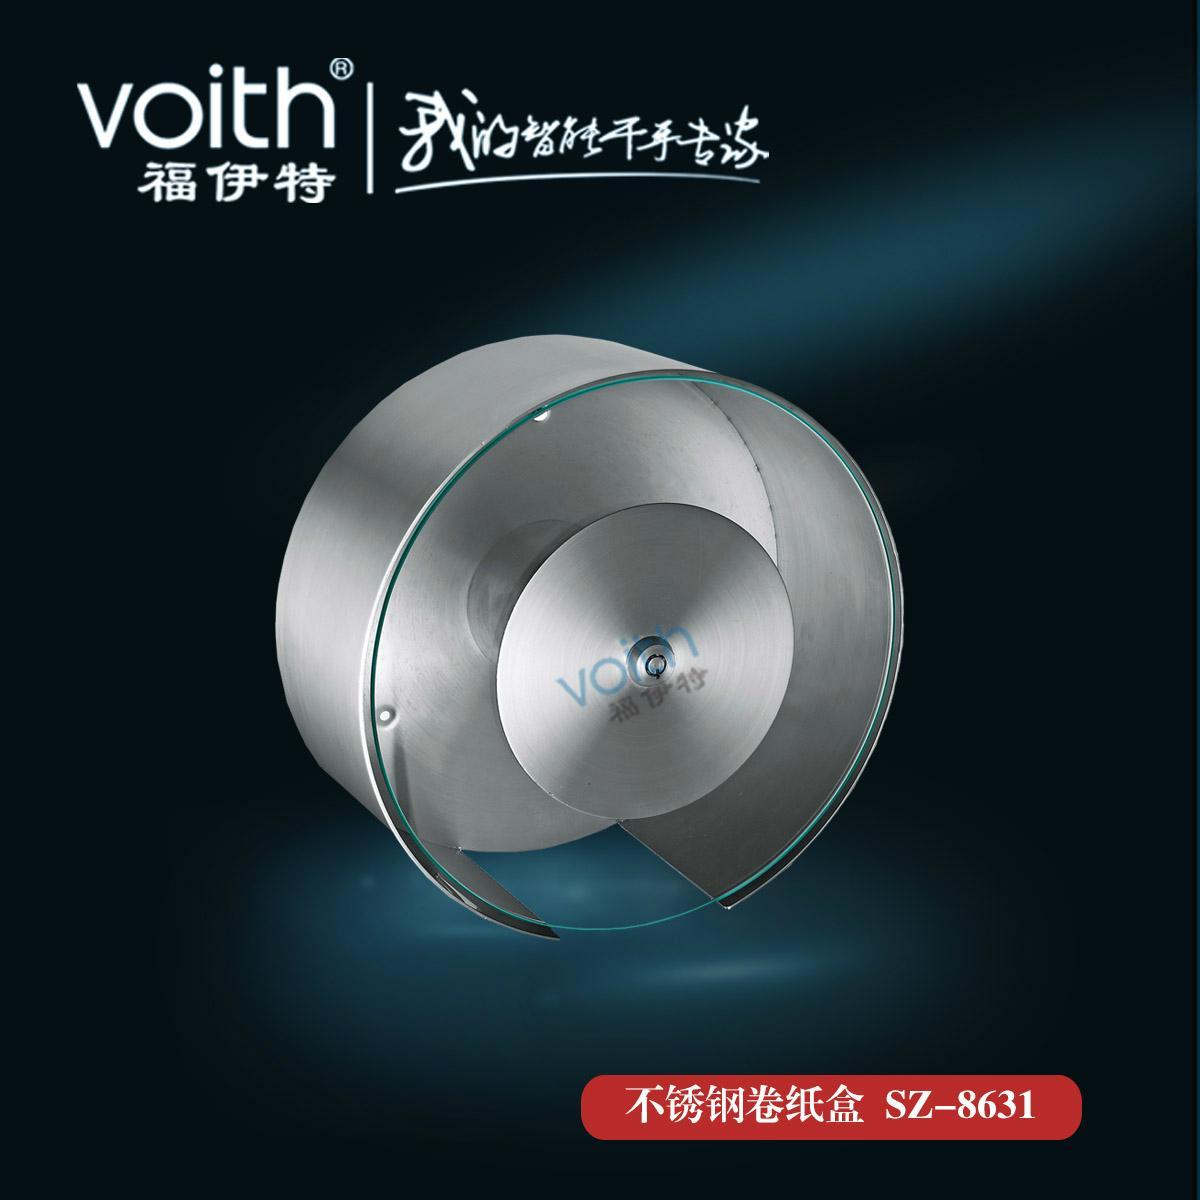 福伊特圓形鋼化玻璃卷紙盒VT-8631福伊特品牌 1